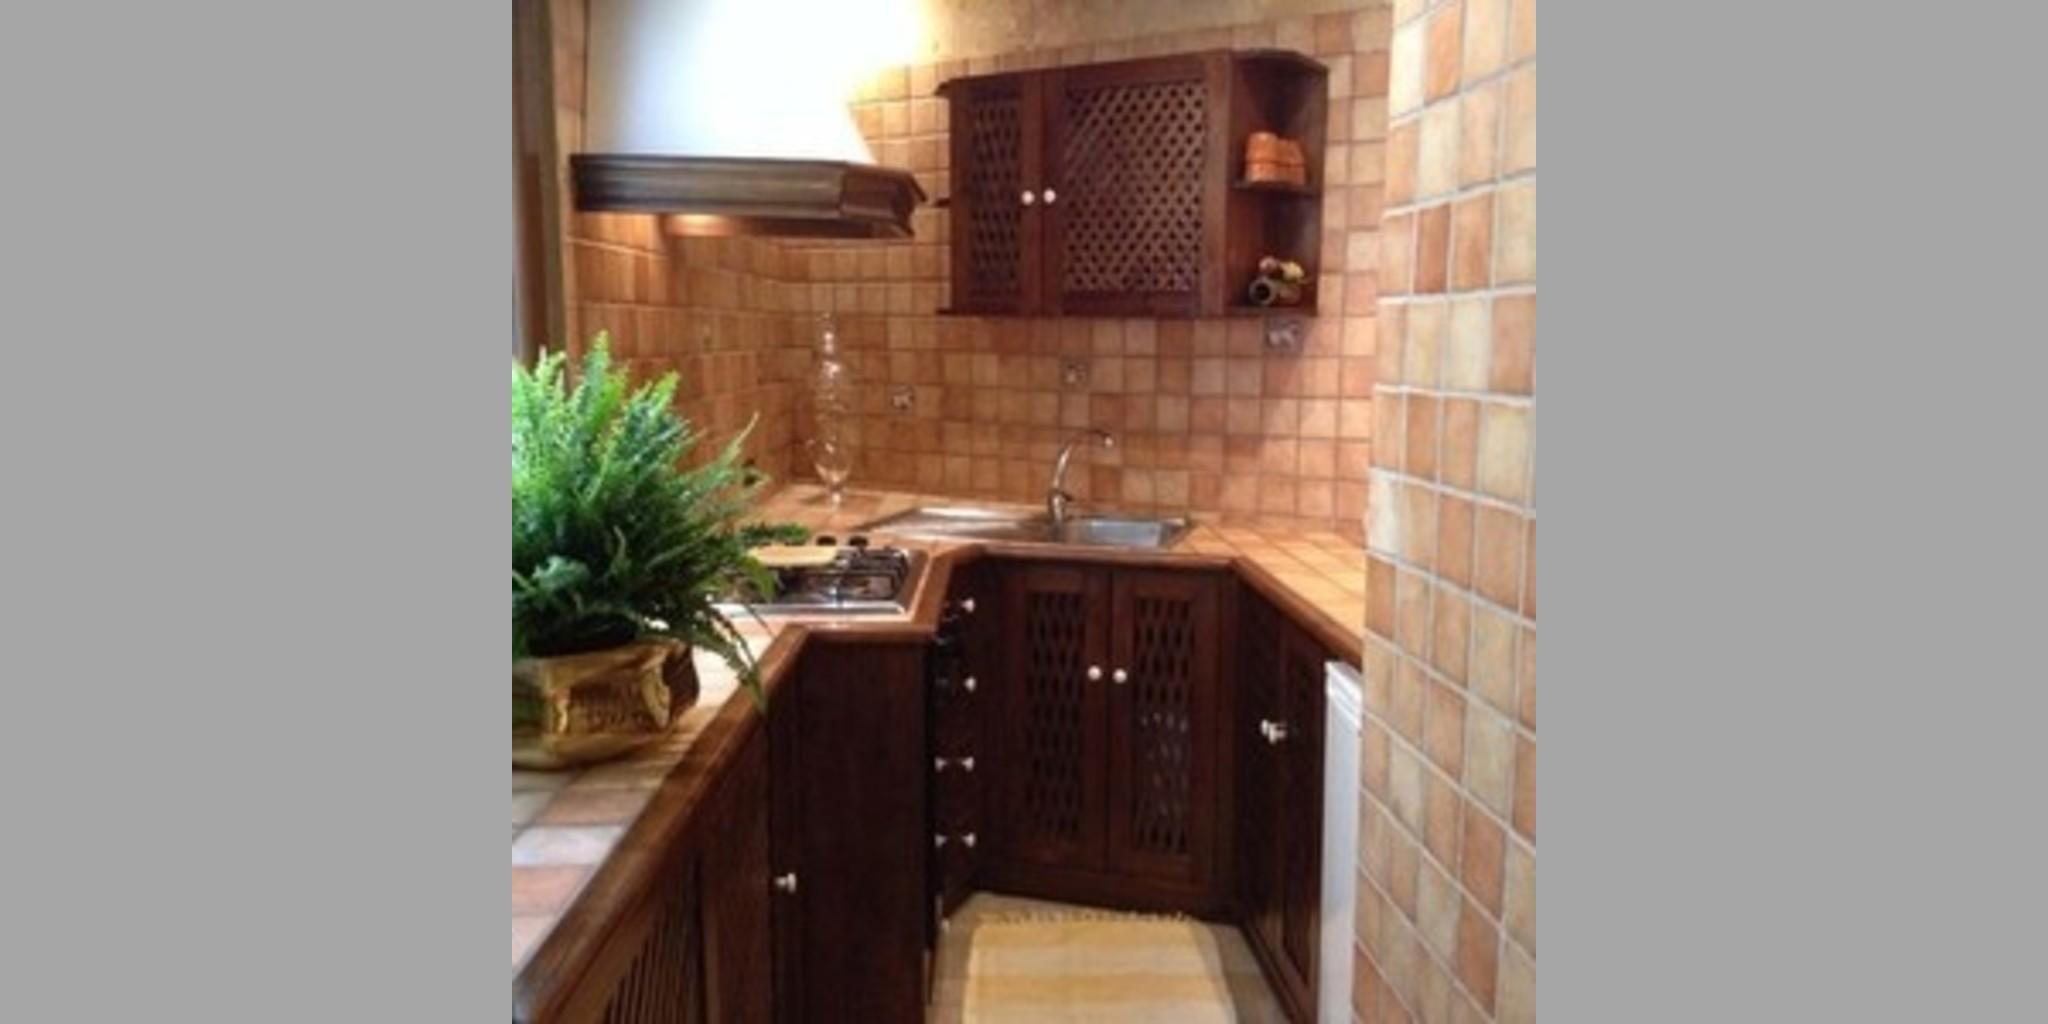 Appartamento Lecce - Casa Vacanza In Centro Storico A Lecce